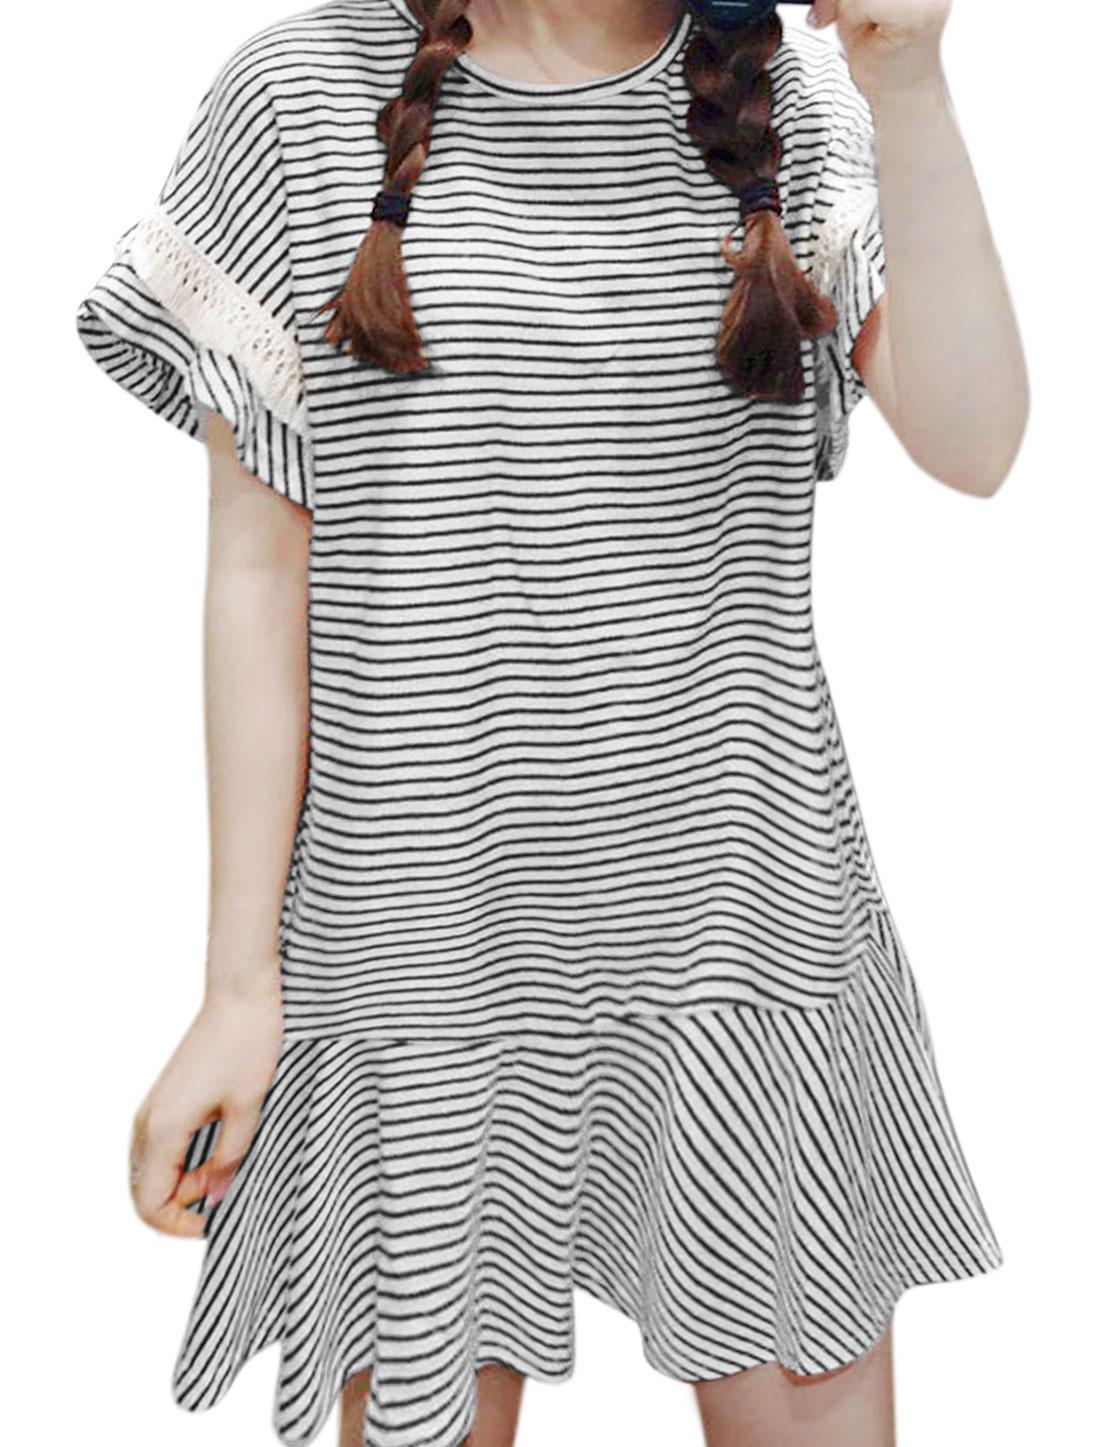 Women Tassels Decor Stripes Ruffled Hem Mini Dress Black XS